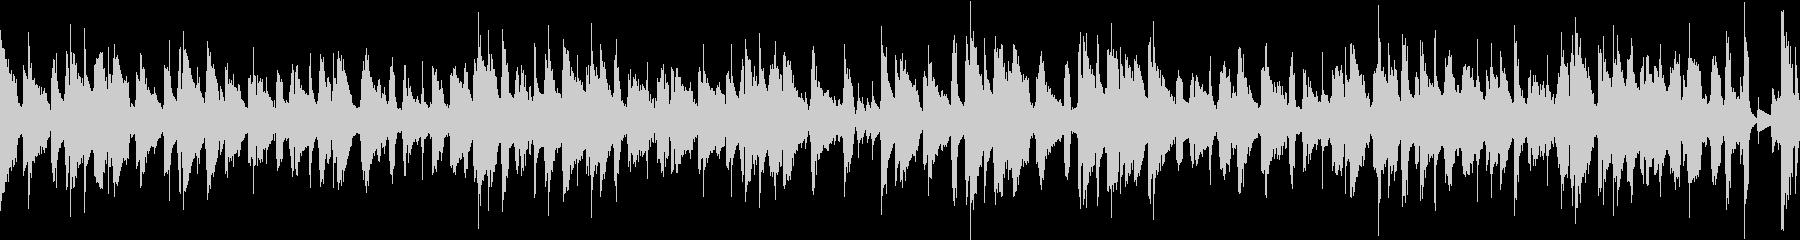 ウンチャカ / ほのぼのループBGMの未再生の波形